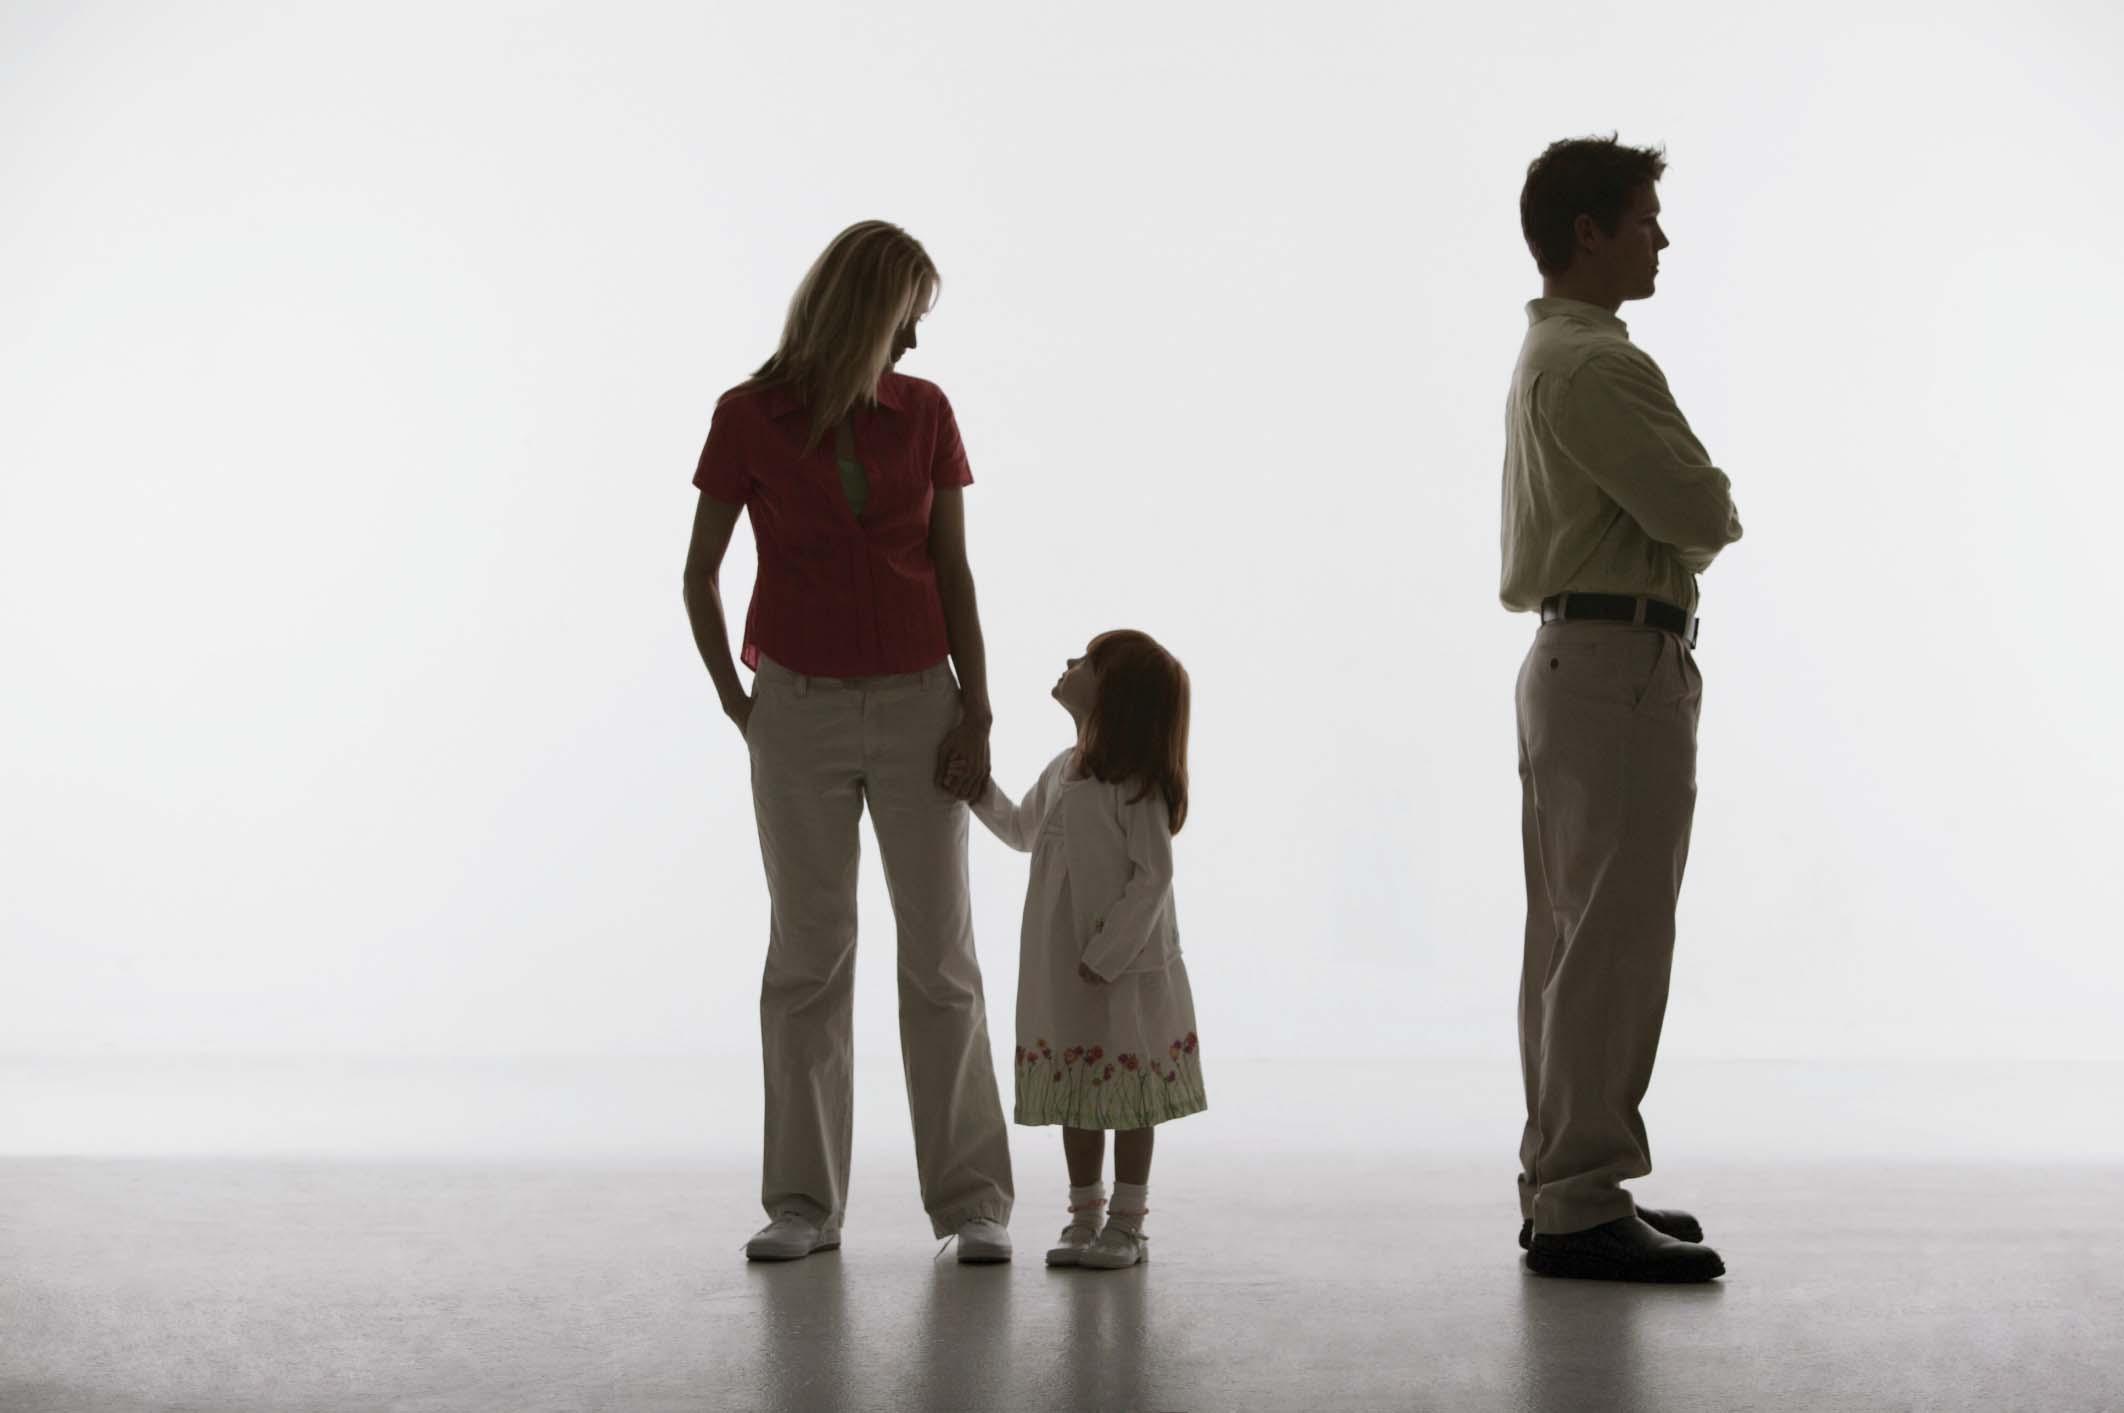 Bố có được giành quyền nuôi con khi không có tên trong giấy khai sinh của con